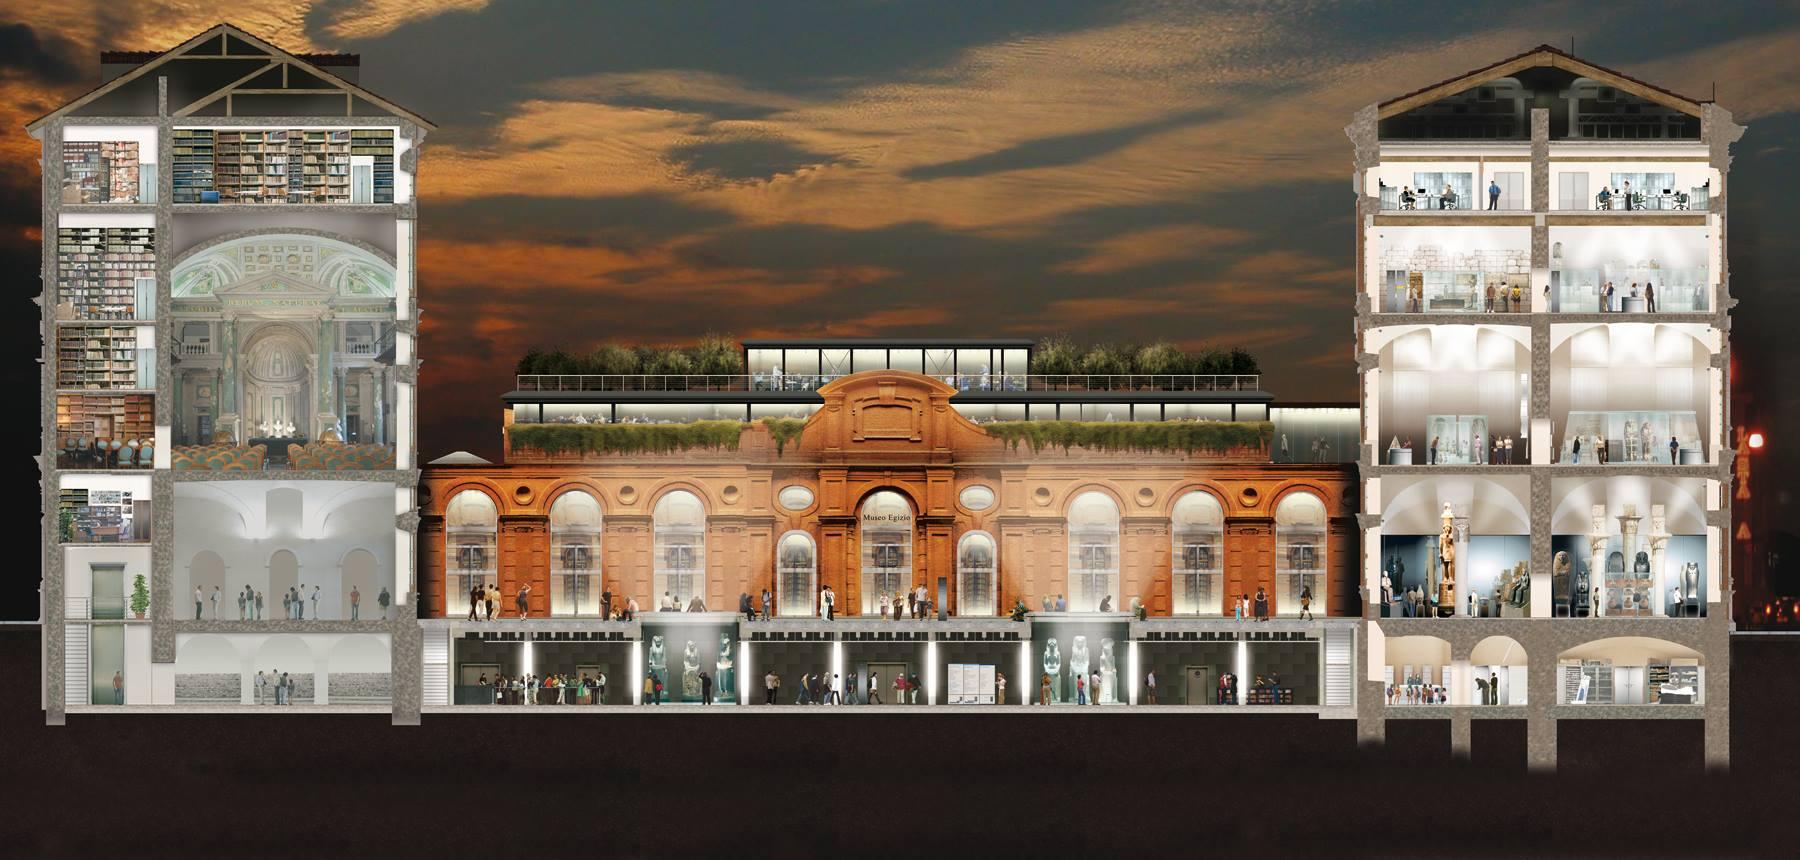 1 Aprile 2015: inaugurazione del nuovo Museo Egizio di Torino